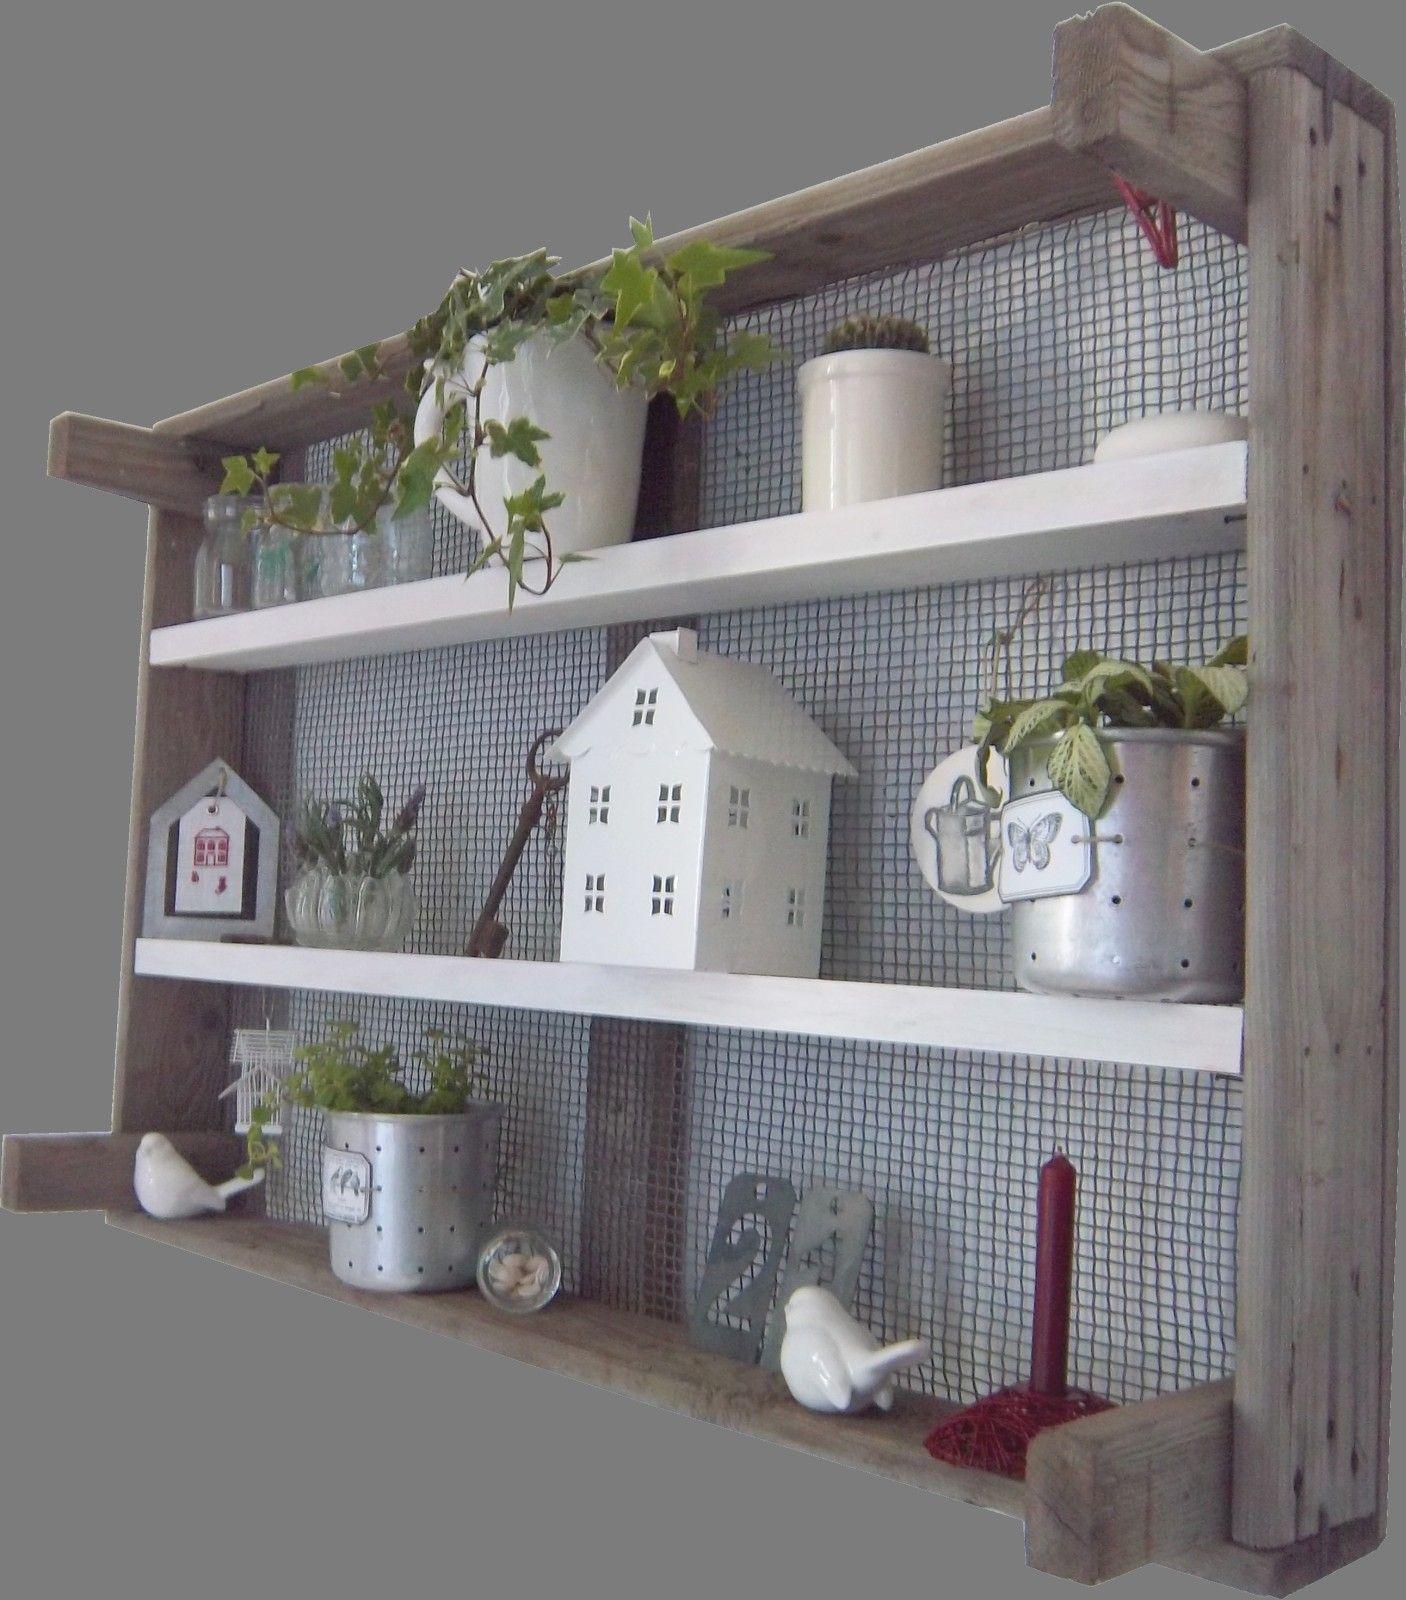 clayette d tourn e cpe casiers et am nagement. Black Bedroom Furniture Sets. Home Design Ideas